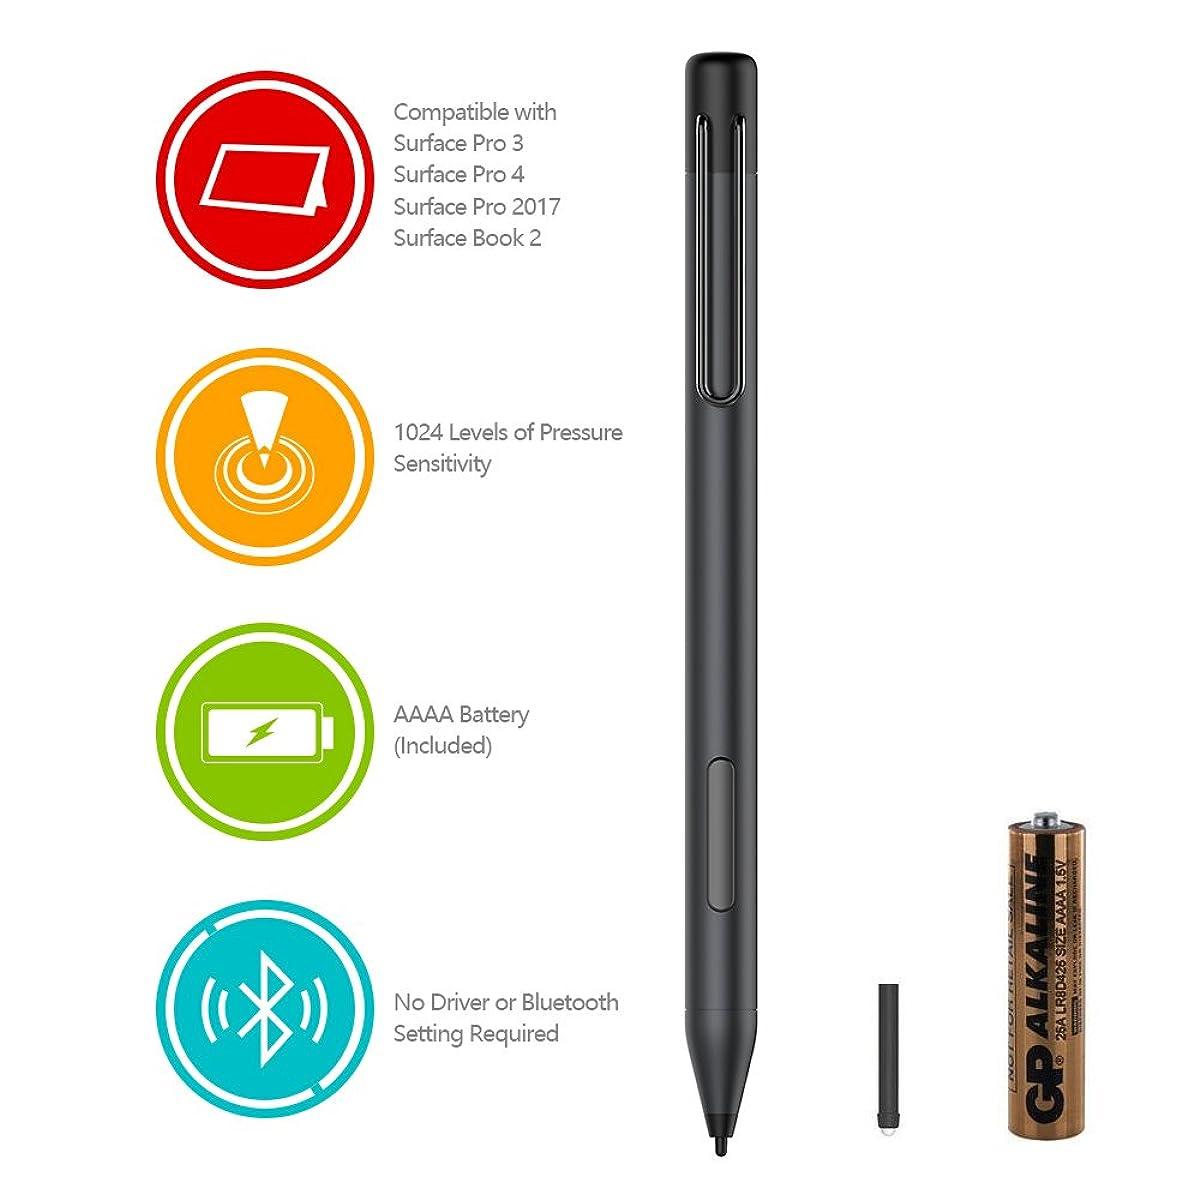 Active Stylus Pen for HP Envy x360 13z-ag0xx, 15-ar0/bp0/bq0/cn0/cp0/dr0/ds0, HP Pavilion x360 11-ap0/ad0xx, 14-dh0/ba0/cd0, 15-br0/cr0/dq0, HP Spectre x360 13-ac0/ae0/ap0, 15-bl/ch0/df0 Digital Pen